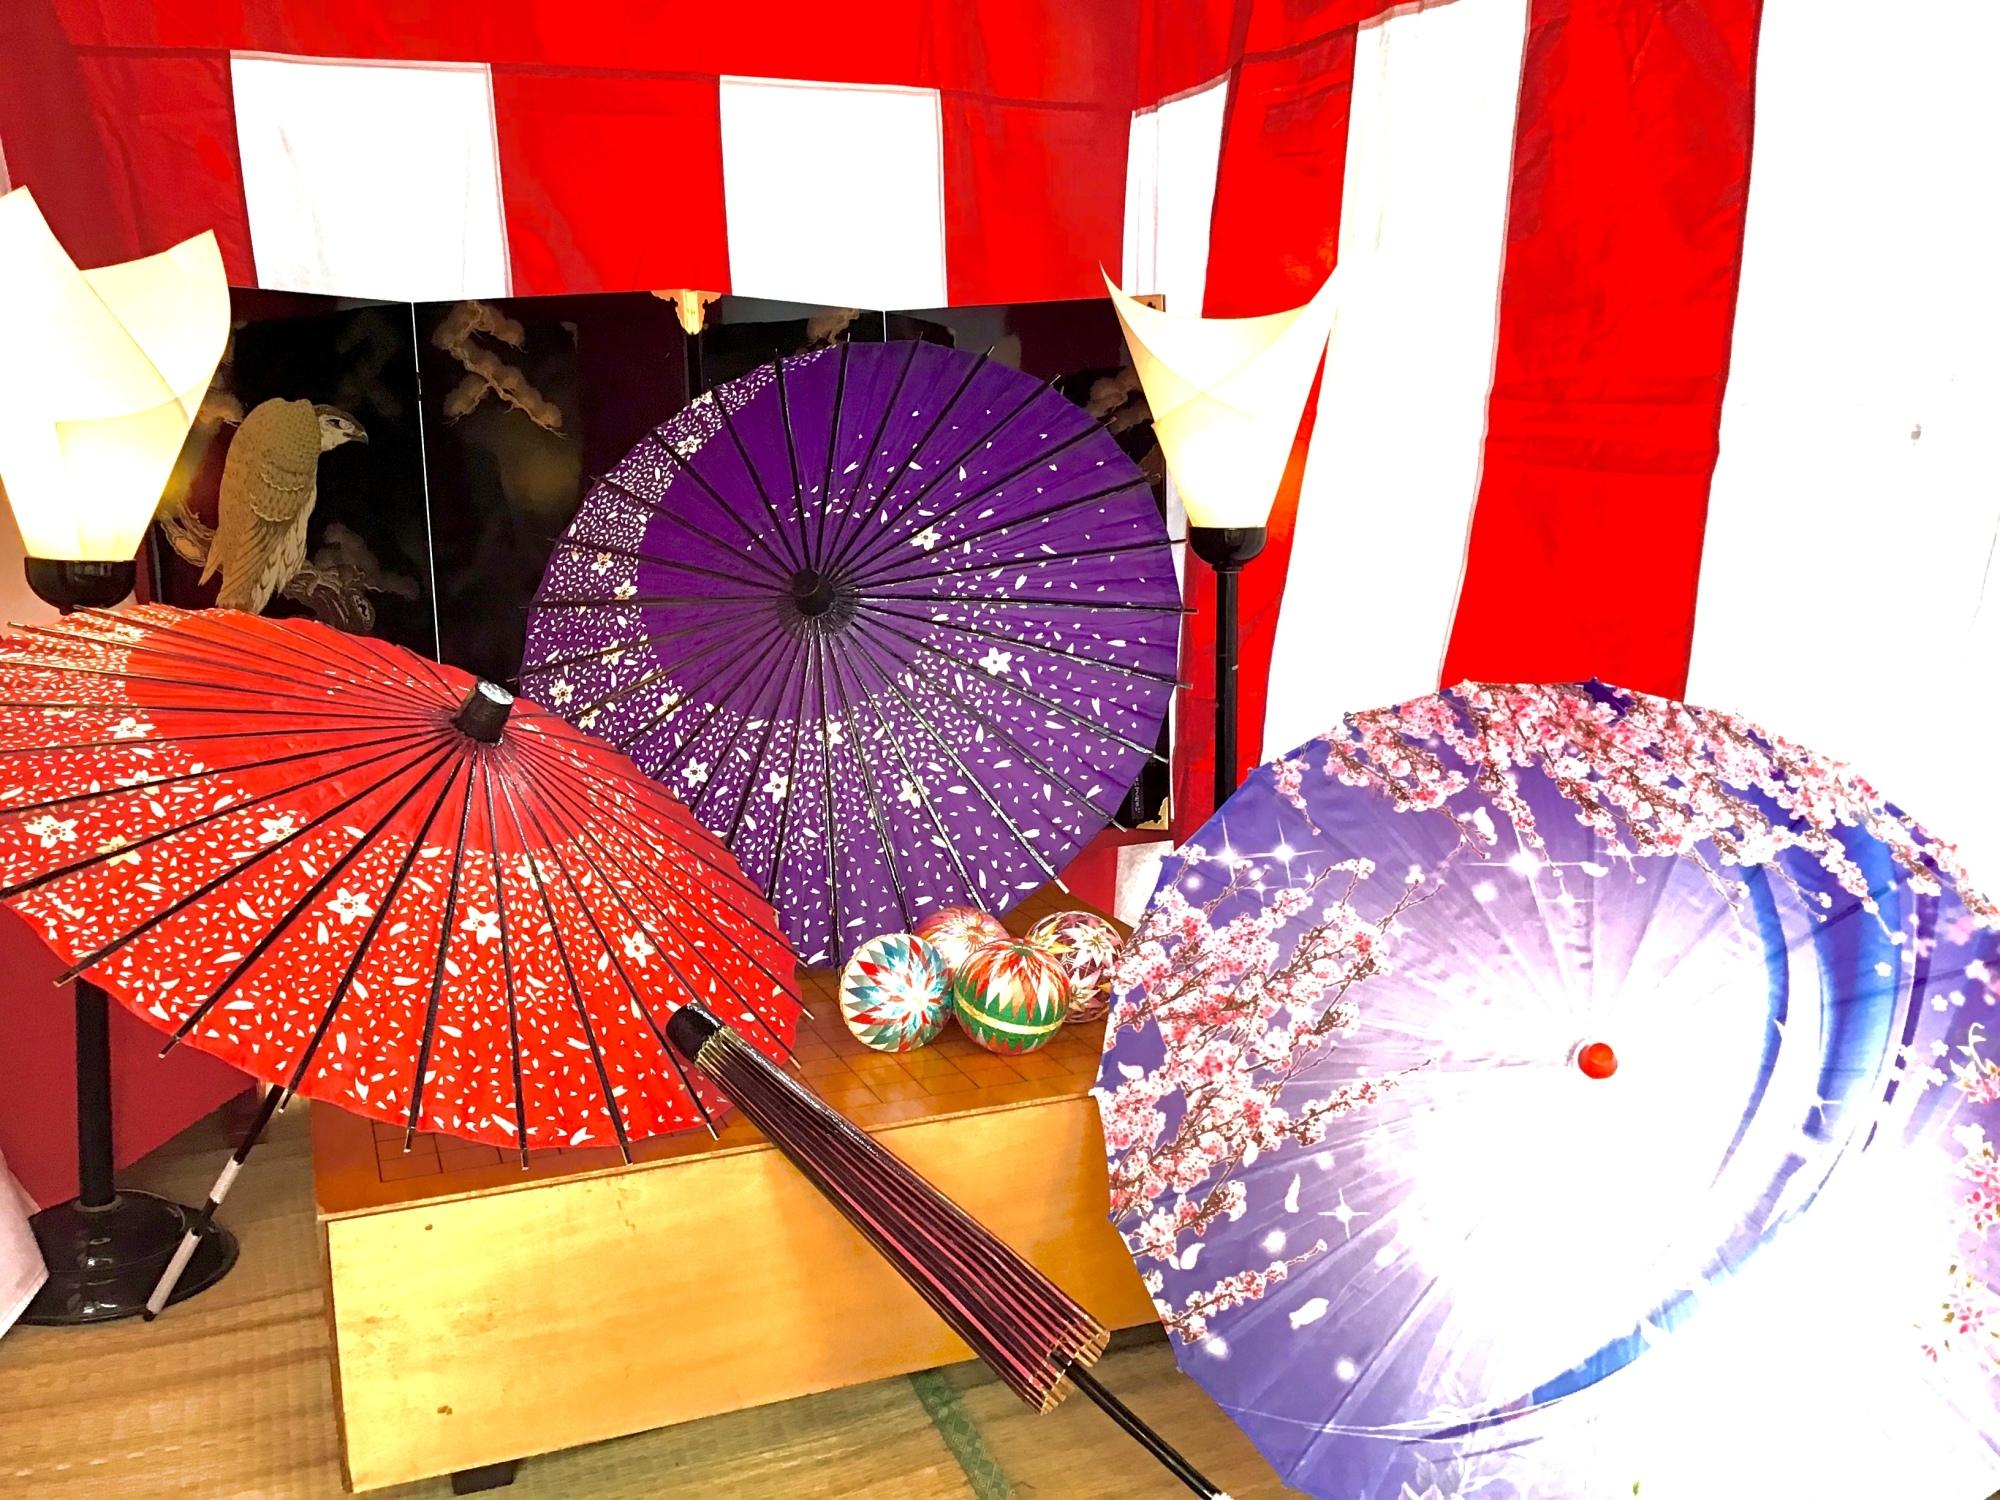 碁盤の儀と写真撮影用の和傘と鞠